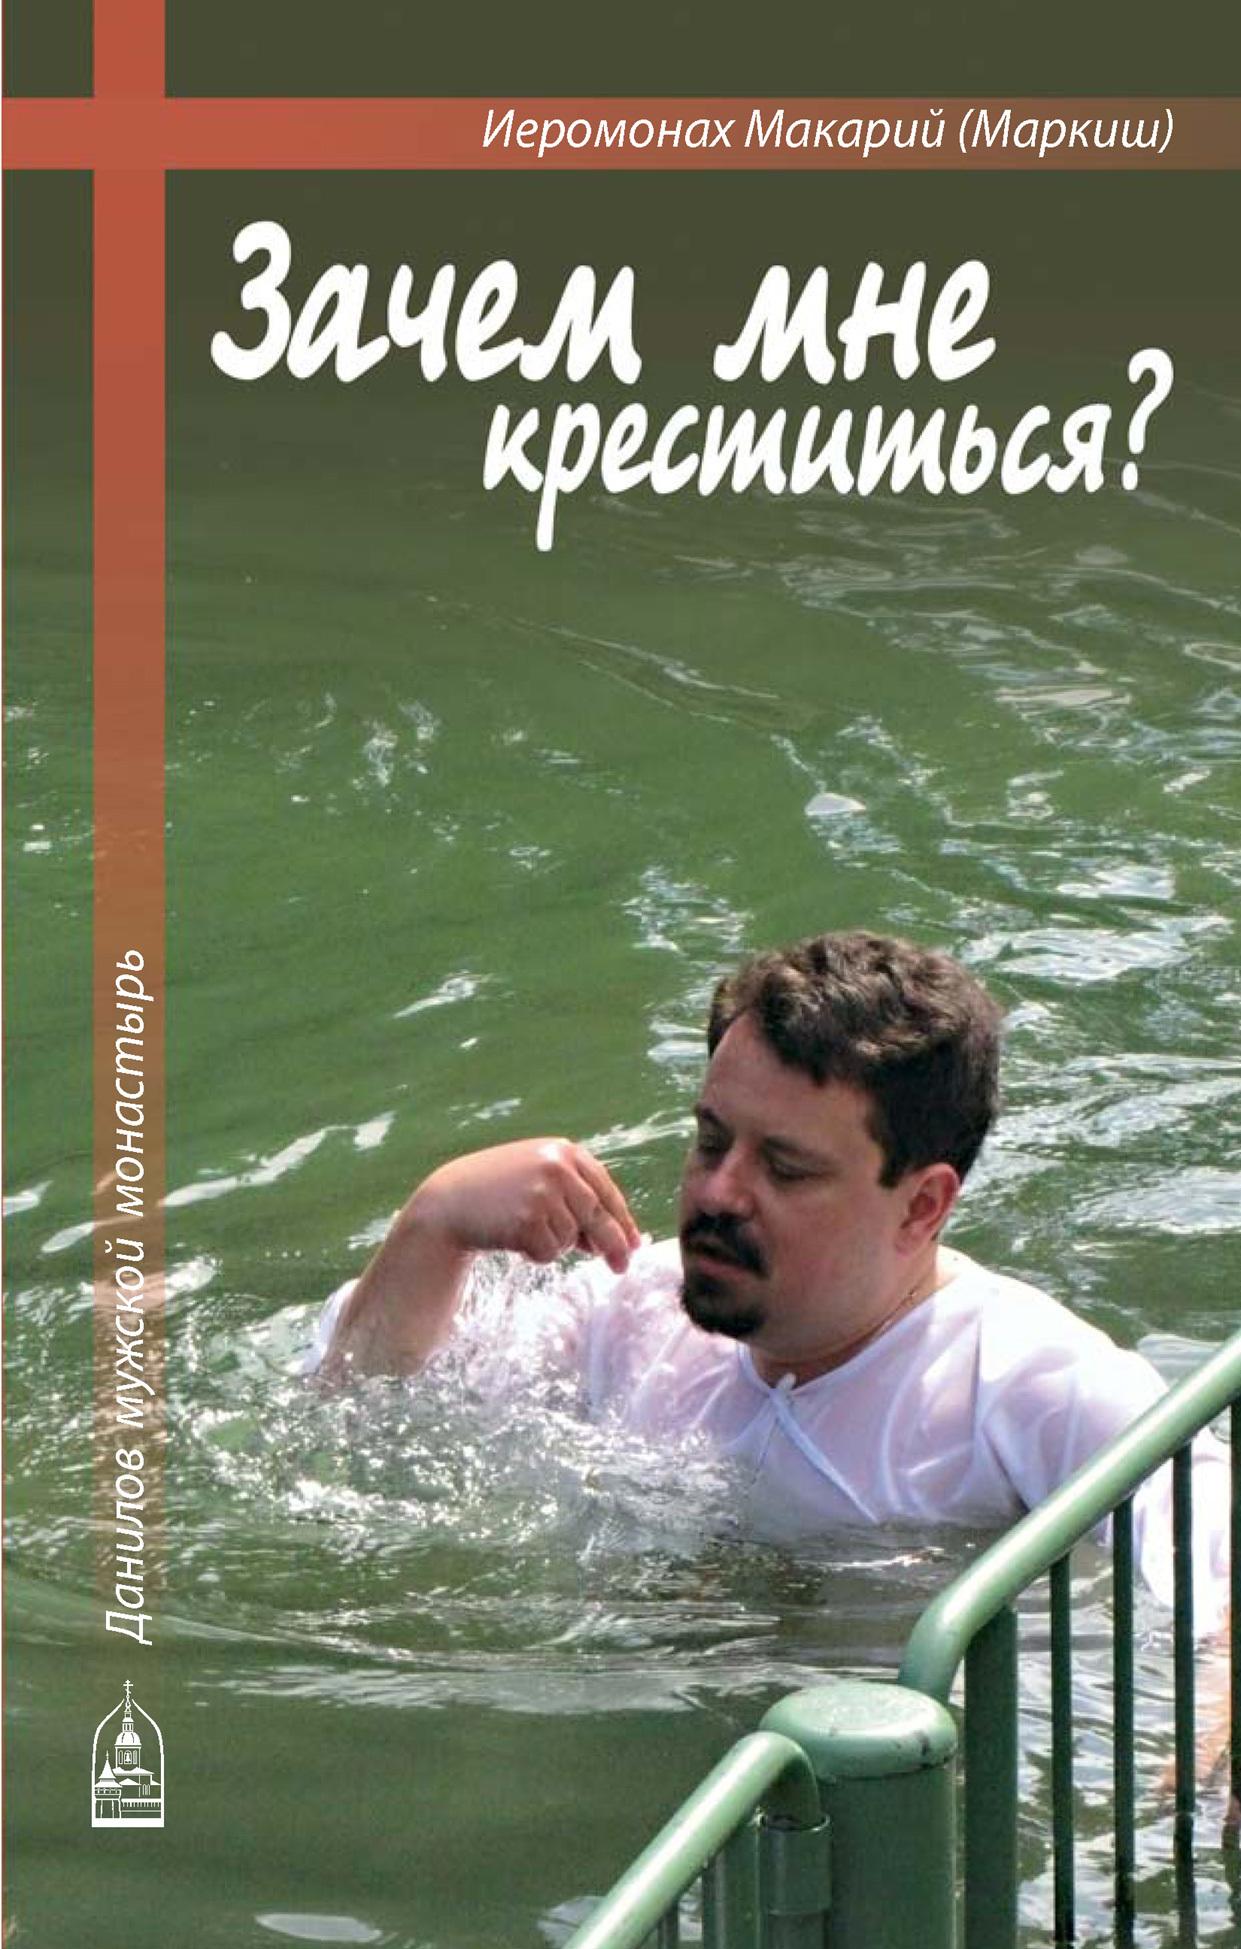 иеромонах Макарий Маркиш - Зачем мне креститься?